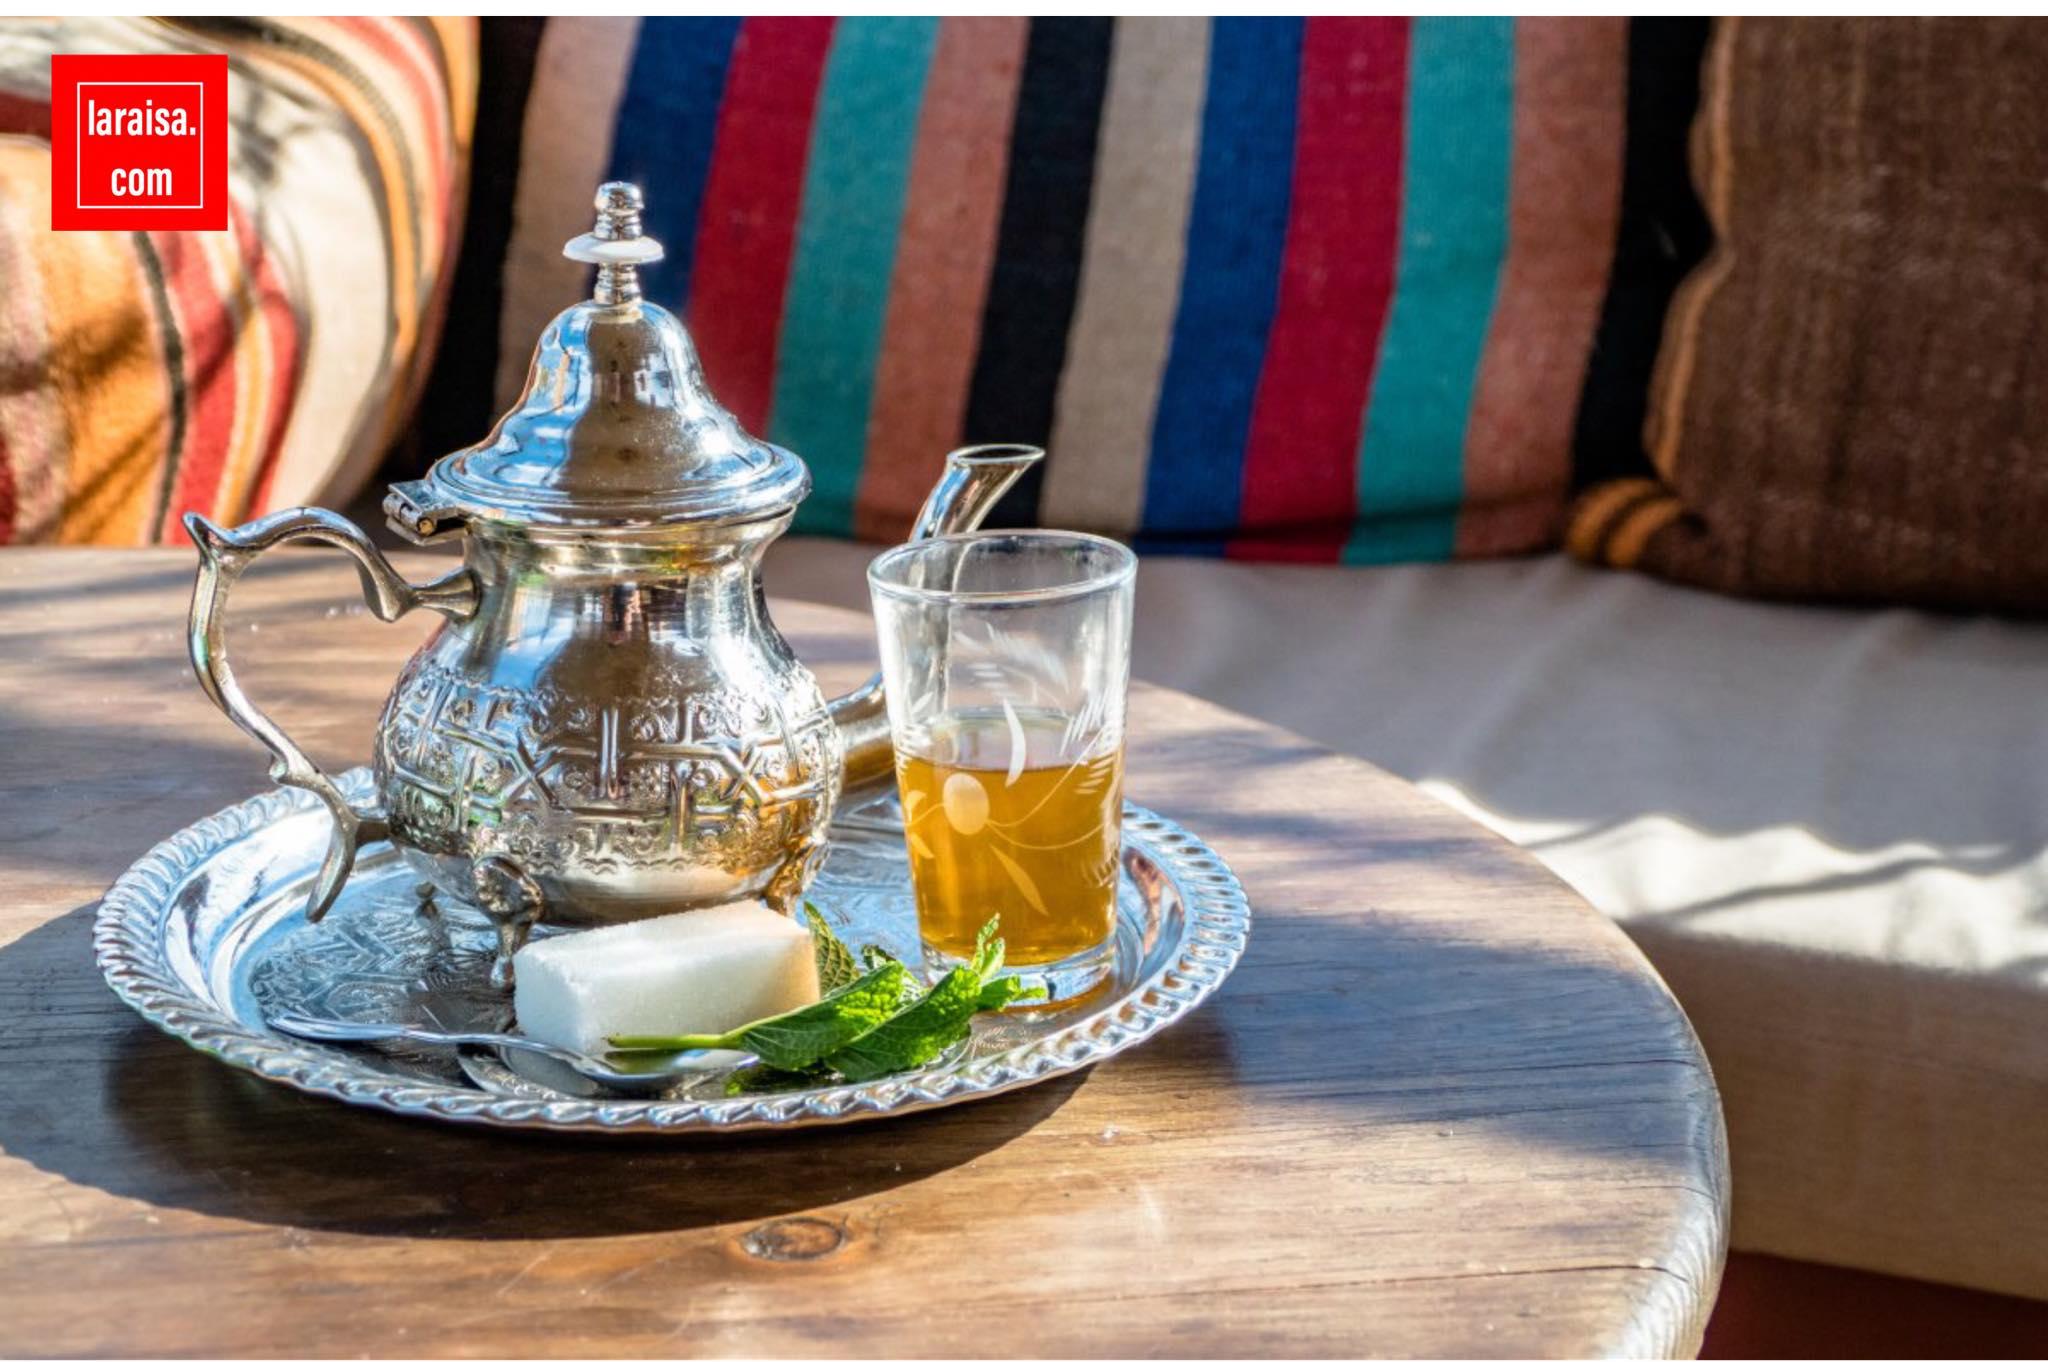 #طريقة_إعداد_الشاي_المغربي